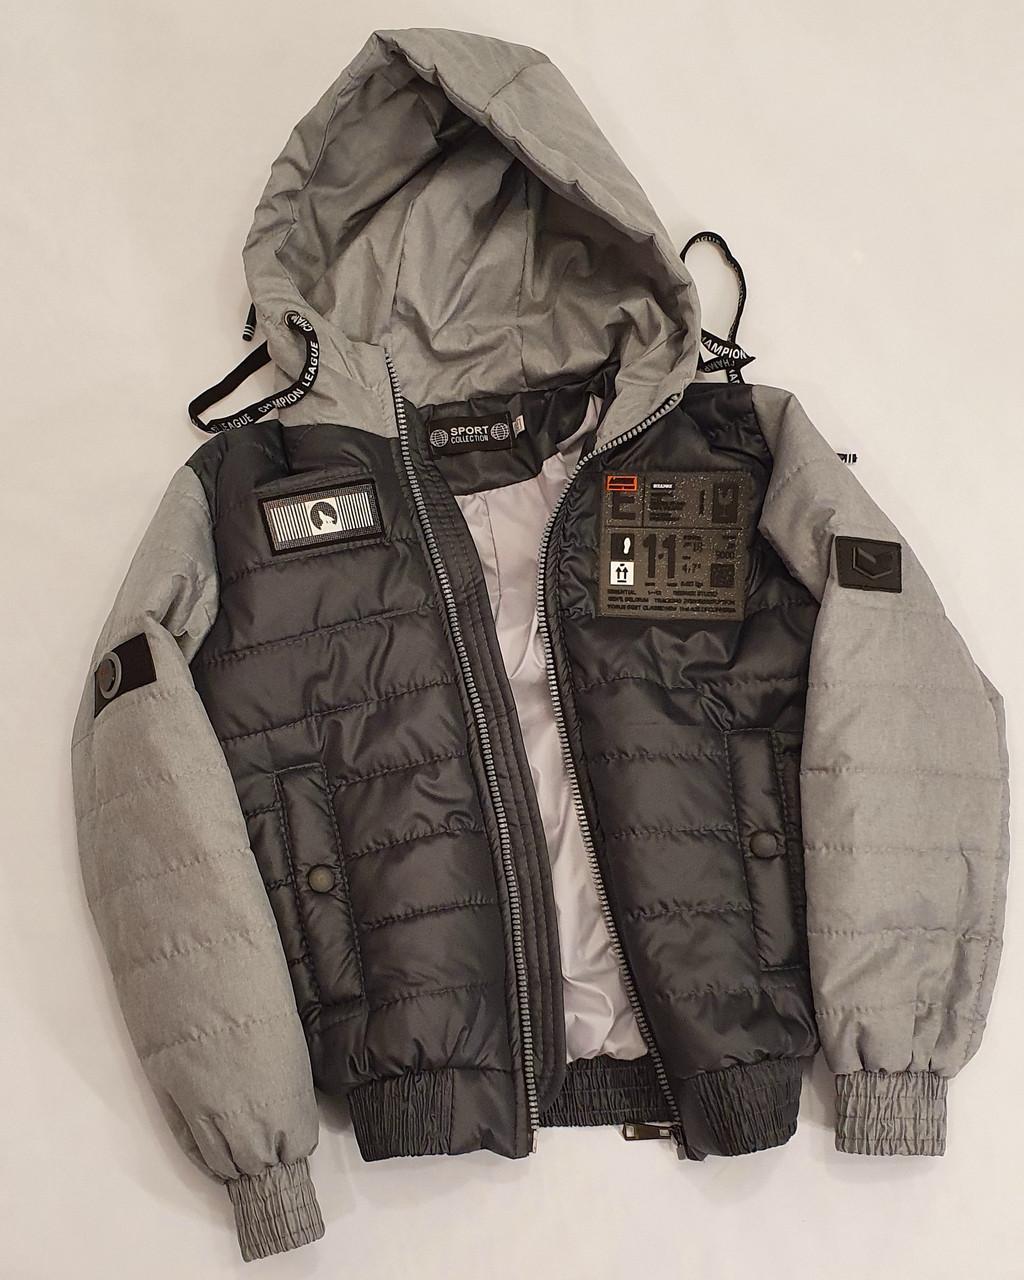 Коротка демісезонна куртка для хлопчика підлітка, колір Сірий, розміри 140 - 170, модель Тарас,